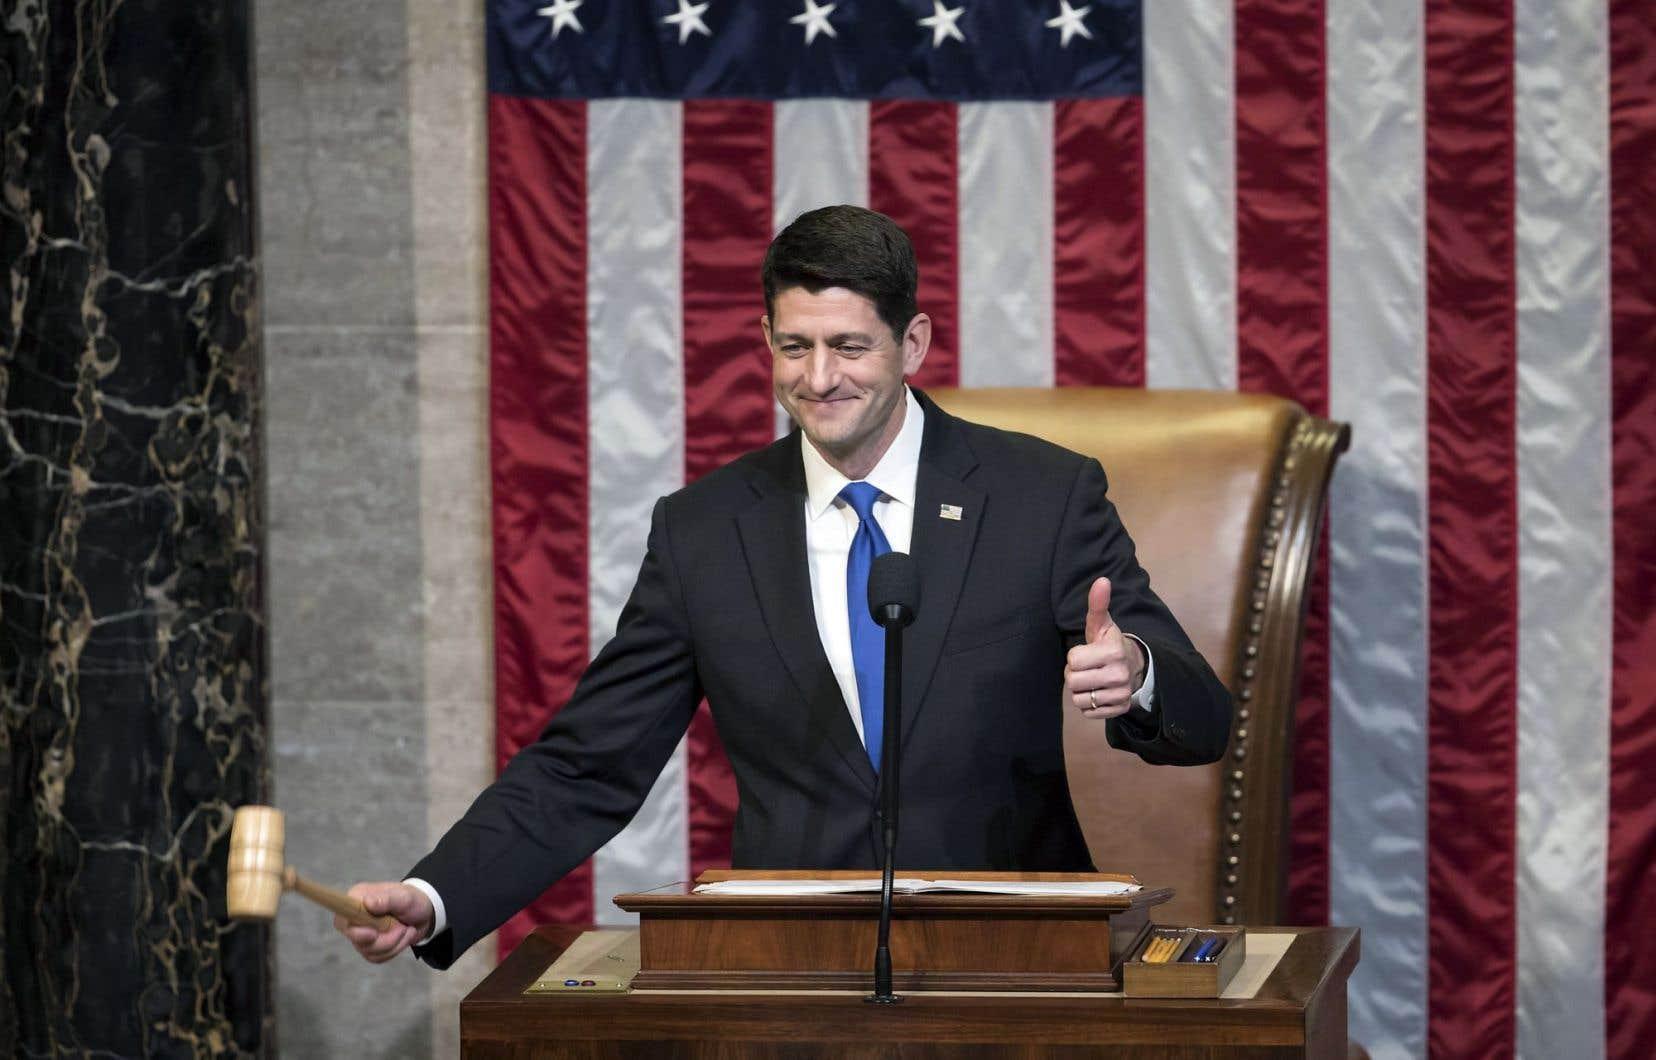 Le président républicain de la Chambre des représentants, Paul Ryan, a été réélu à son poste, confirmant sa position d'homme fort du Congrès.